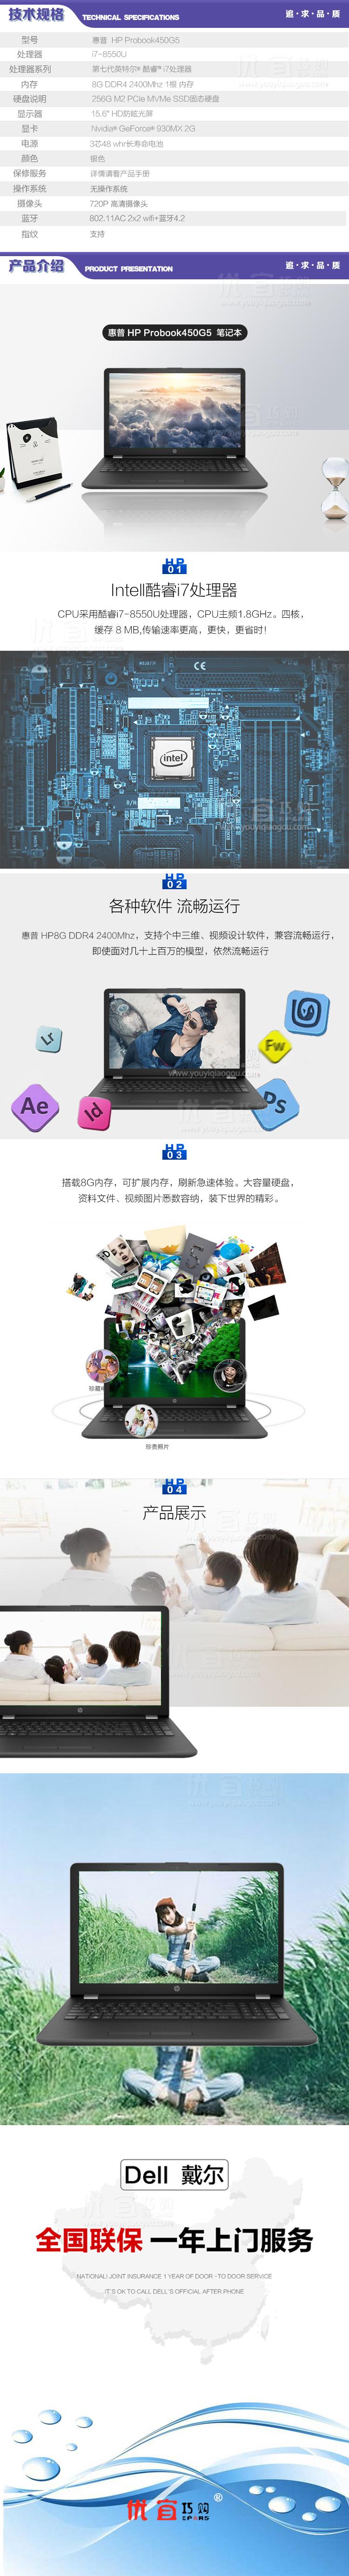 惠普 Probook450G5   I7-8550 笔记本 拷贝.jpg